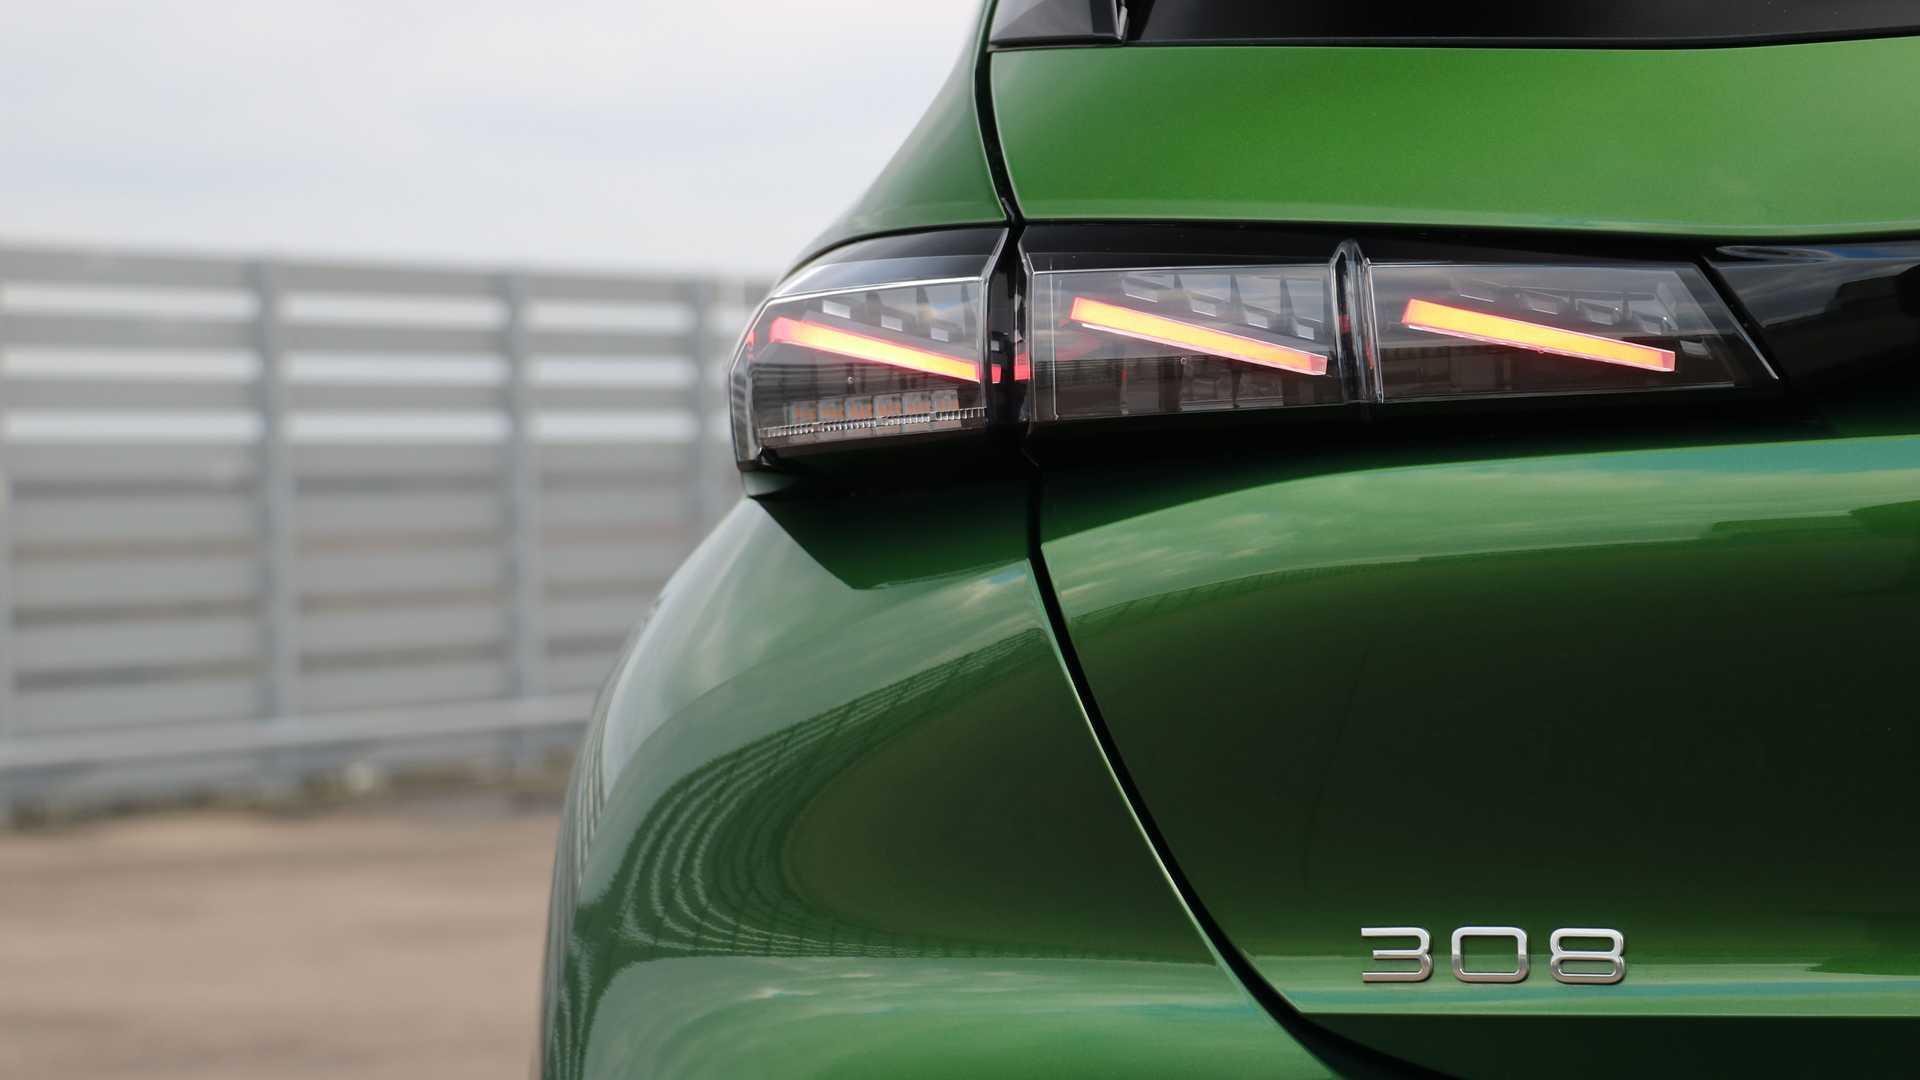 نسل جدید پژو 308 معرفی شد